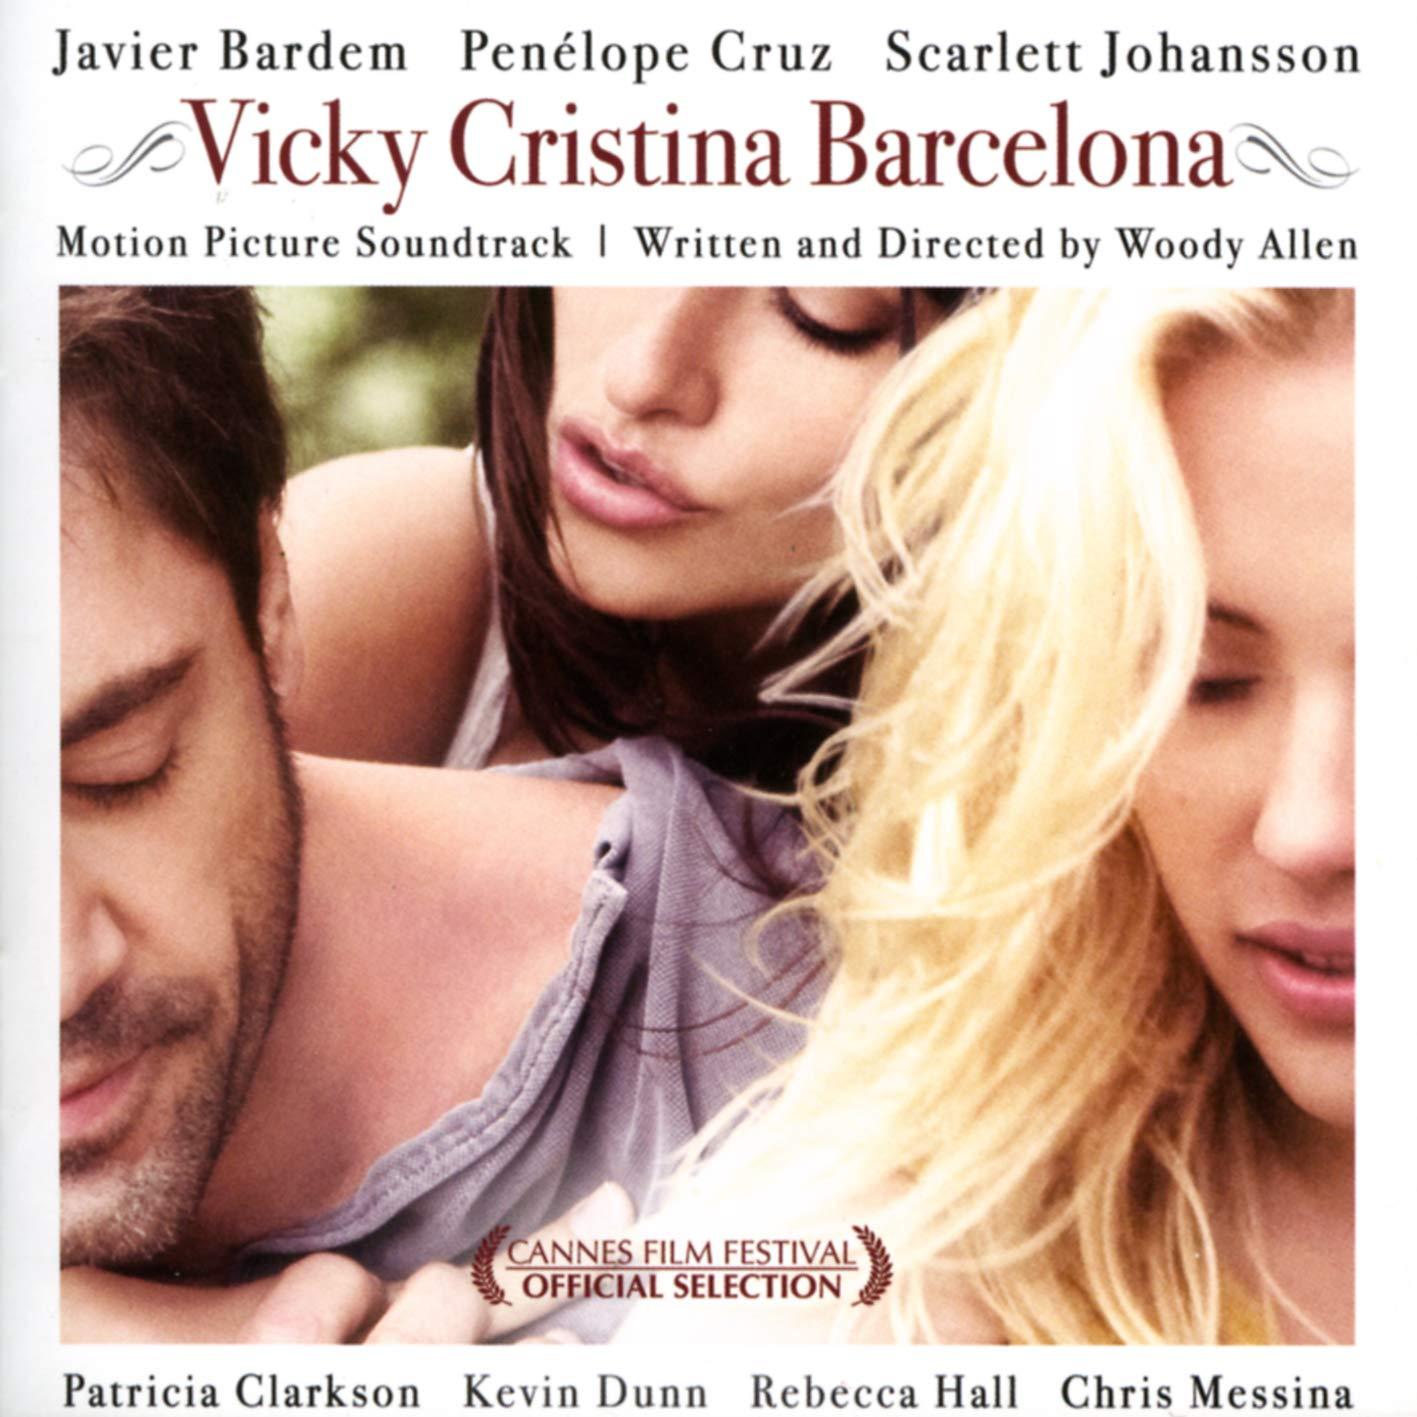 watch vicky cristina barcelona 2008 free online